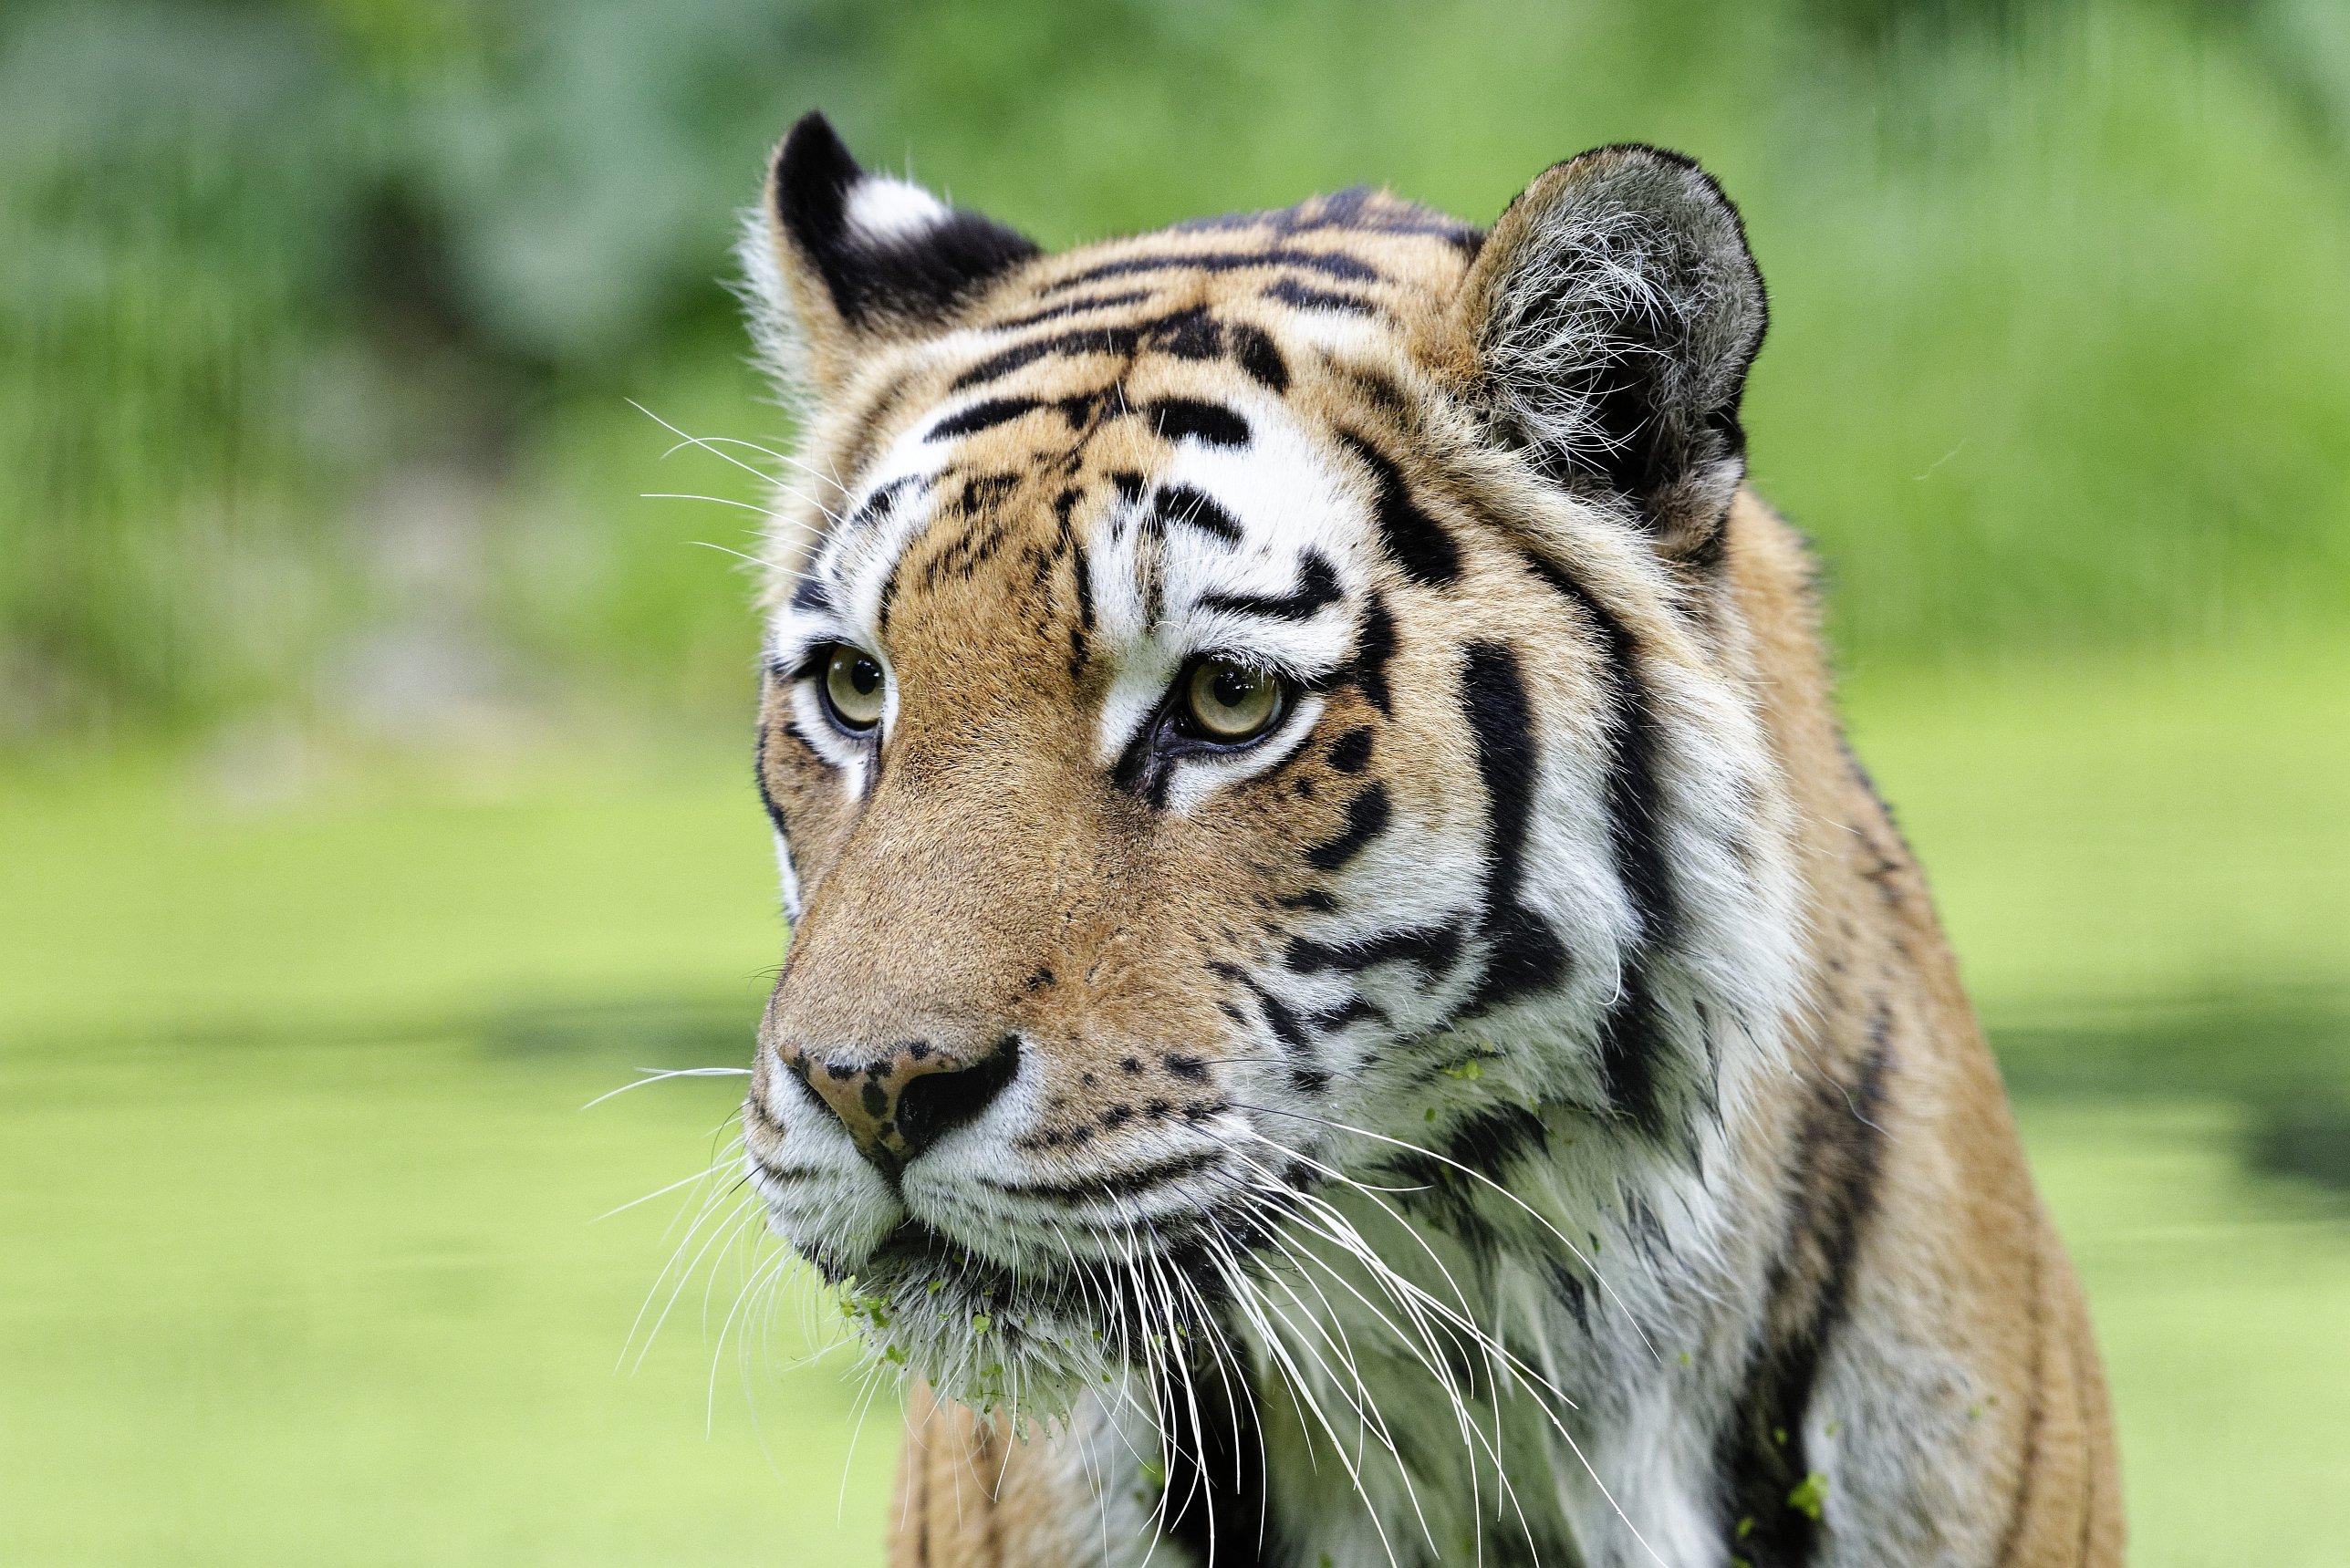 Ina der sibirische Tiger (Panthera tigris altaica) aus dem Zoo Schönbrunn